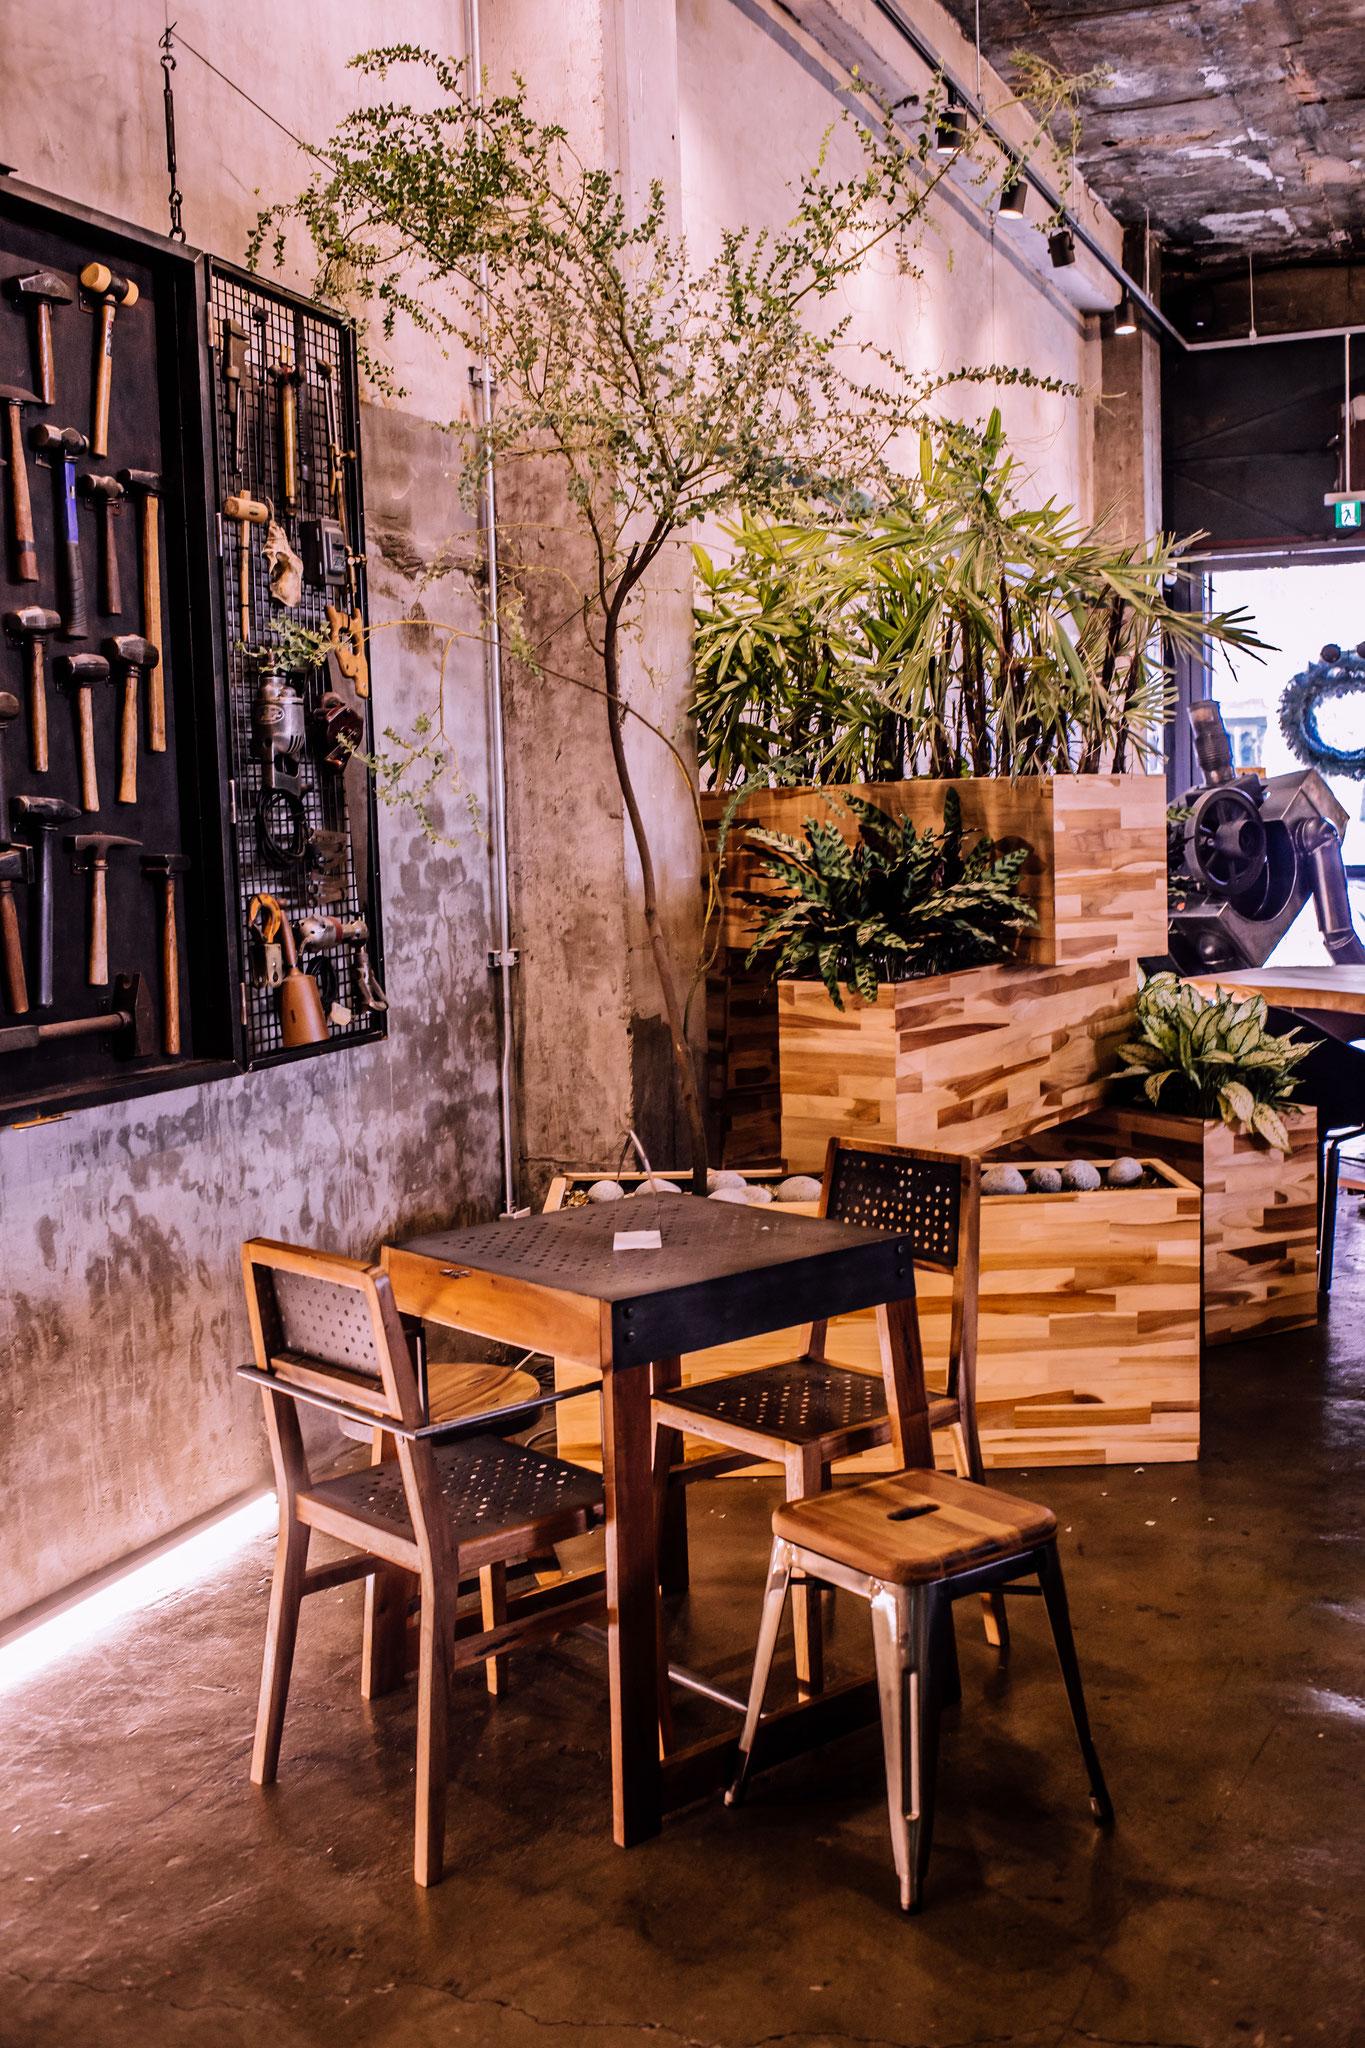 BAESAN cafe details